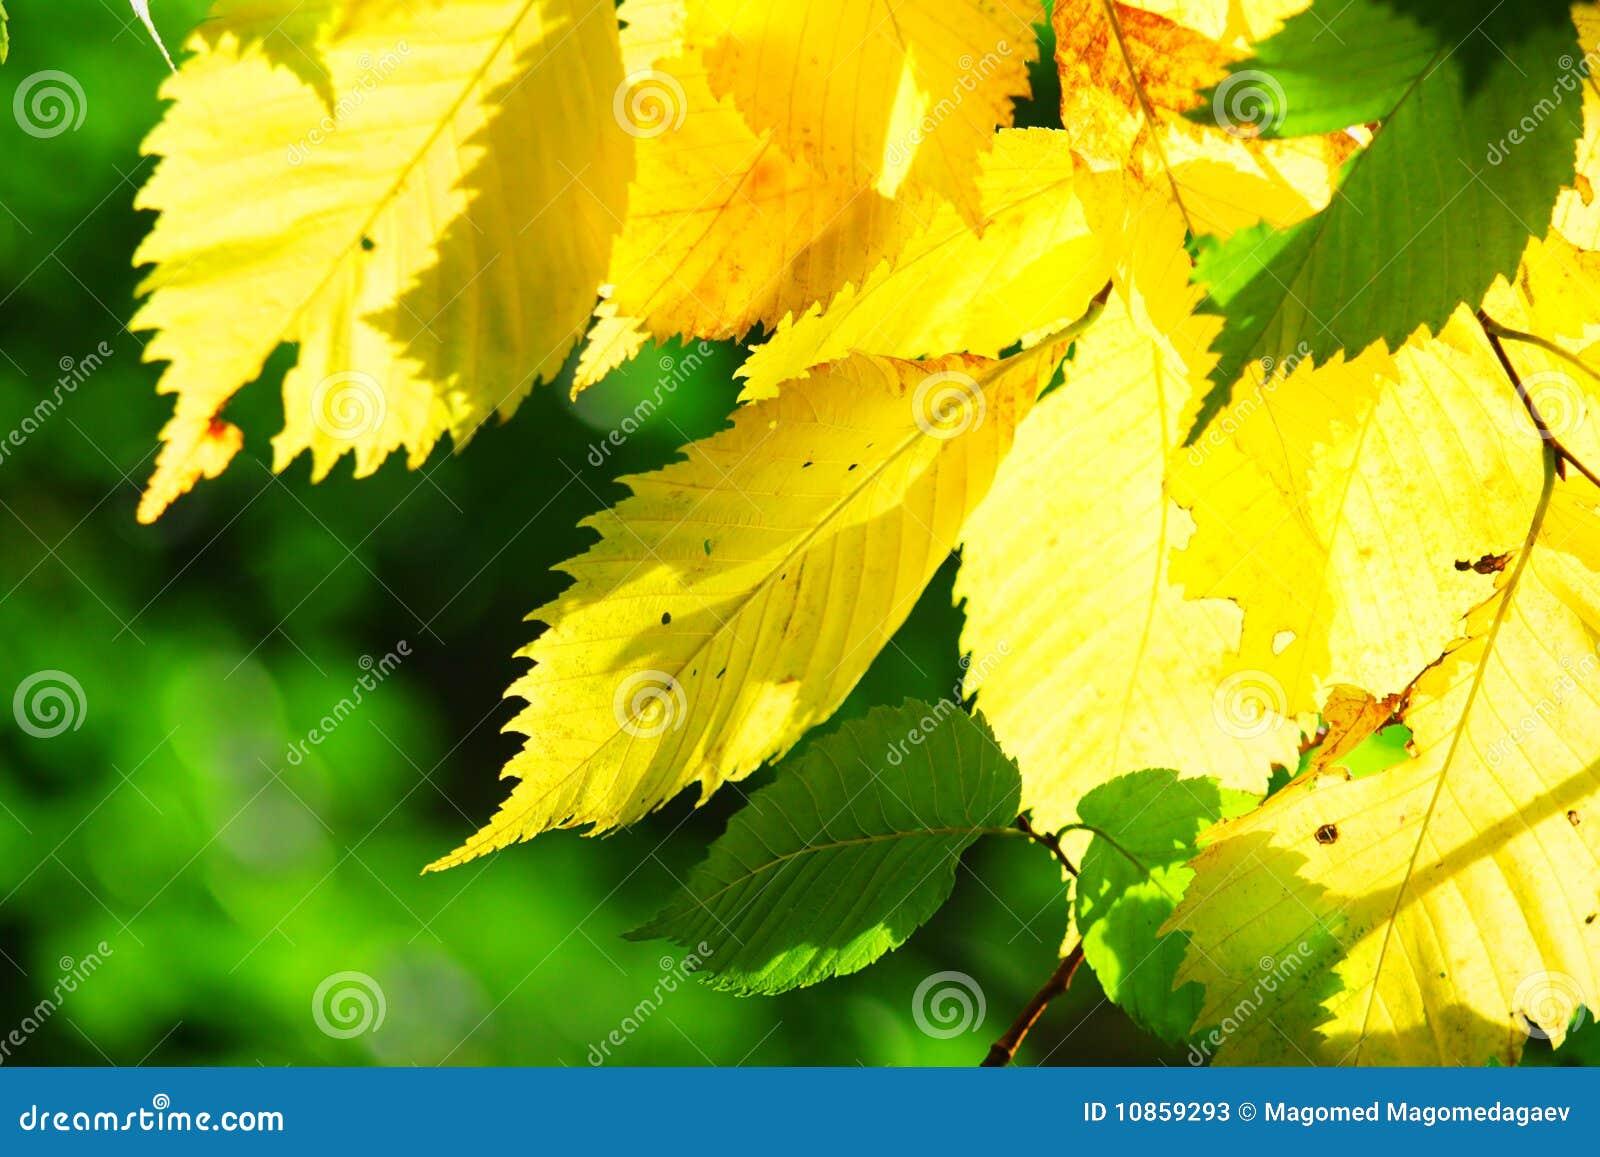 Fogli di colore giallo immagine stock immagine di autunno - Caduta fogli di colore stampabili ...